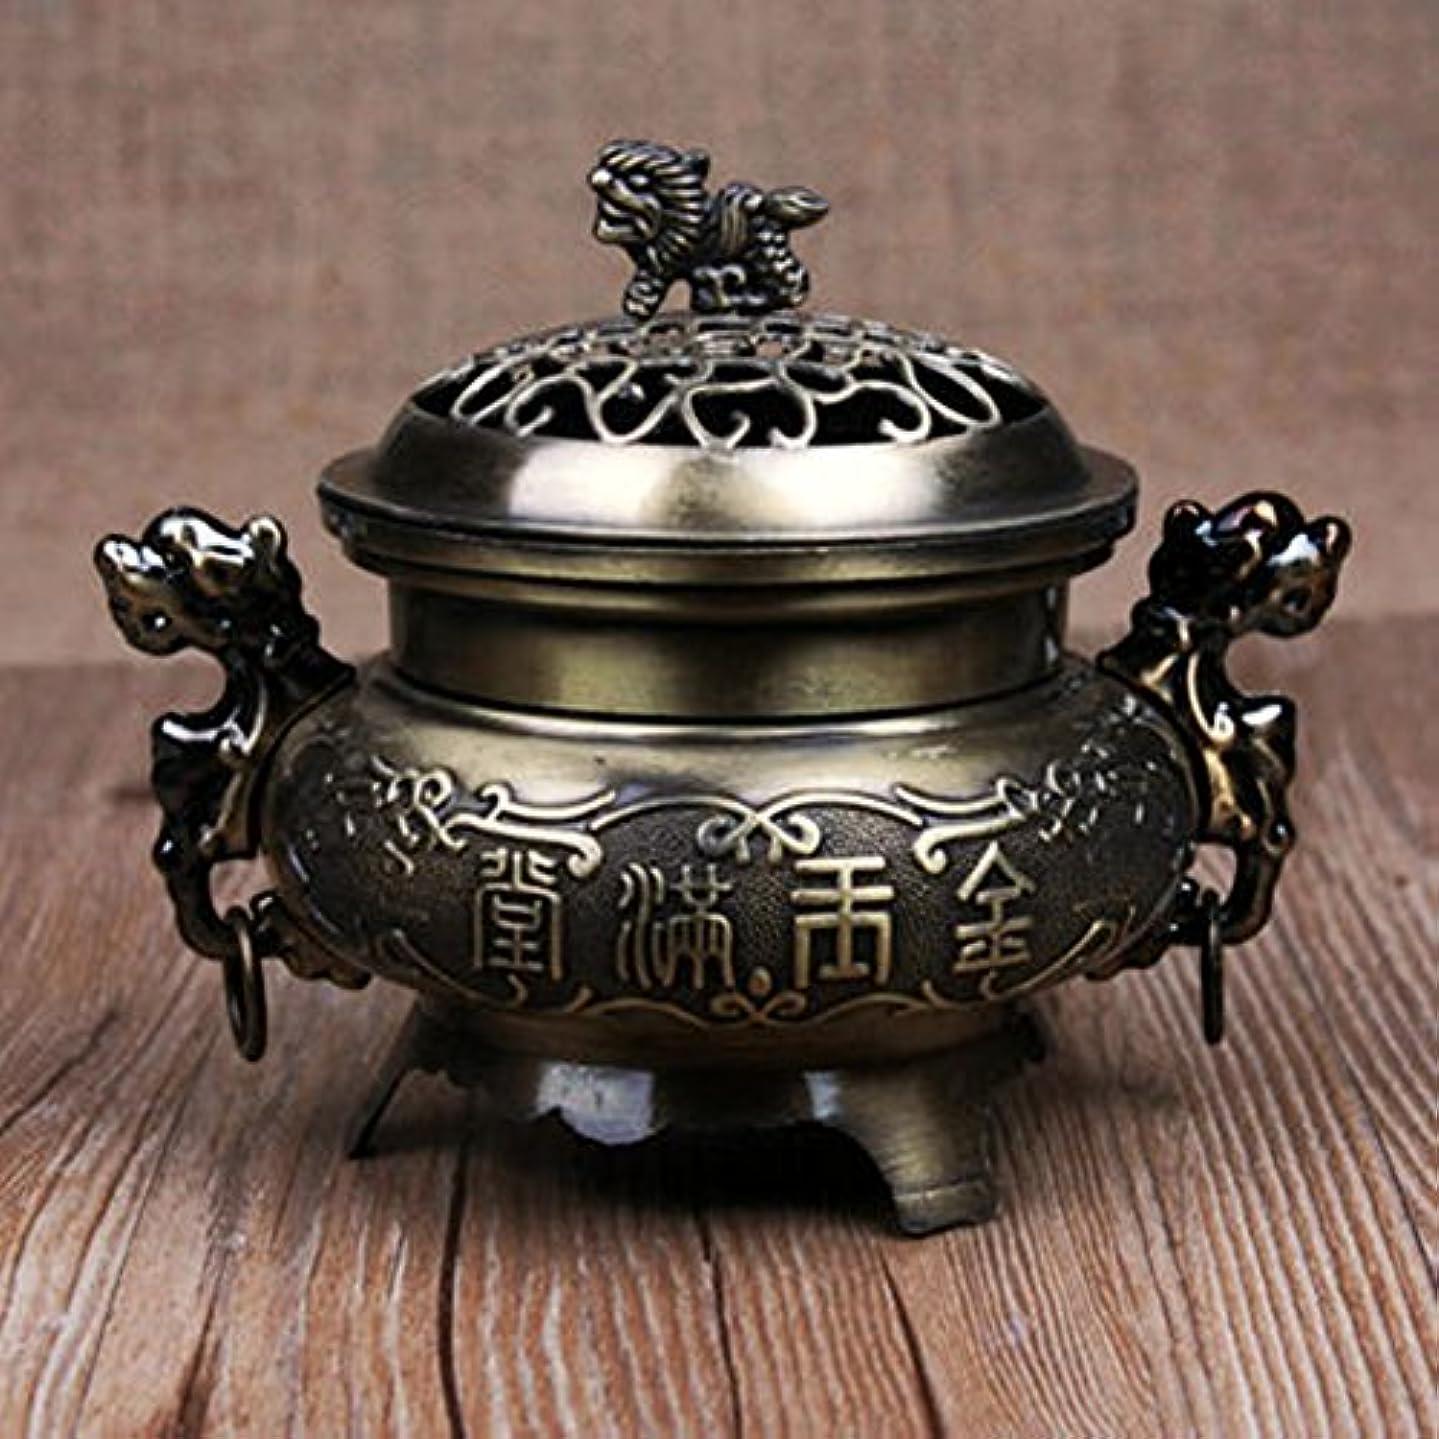 フライトキー排泄するLiebeye レトロスタイルの合金香炉 バーナーダブルドラゴン 中空カバー香炉 ホームデコレーション 青銅色